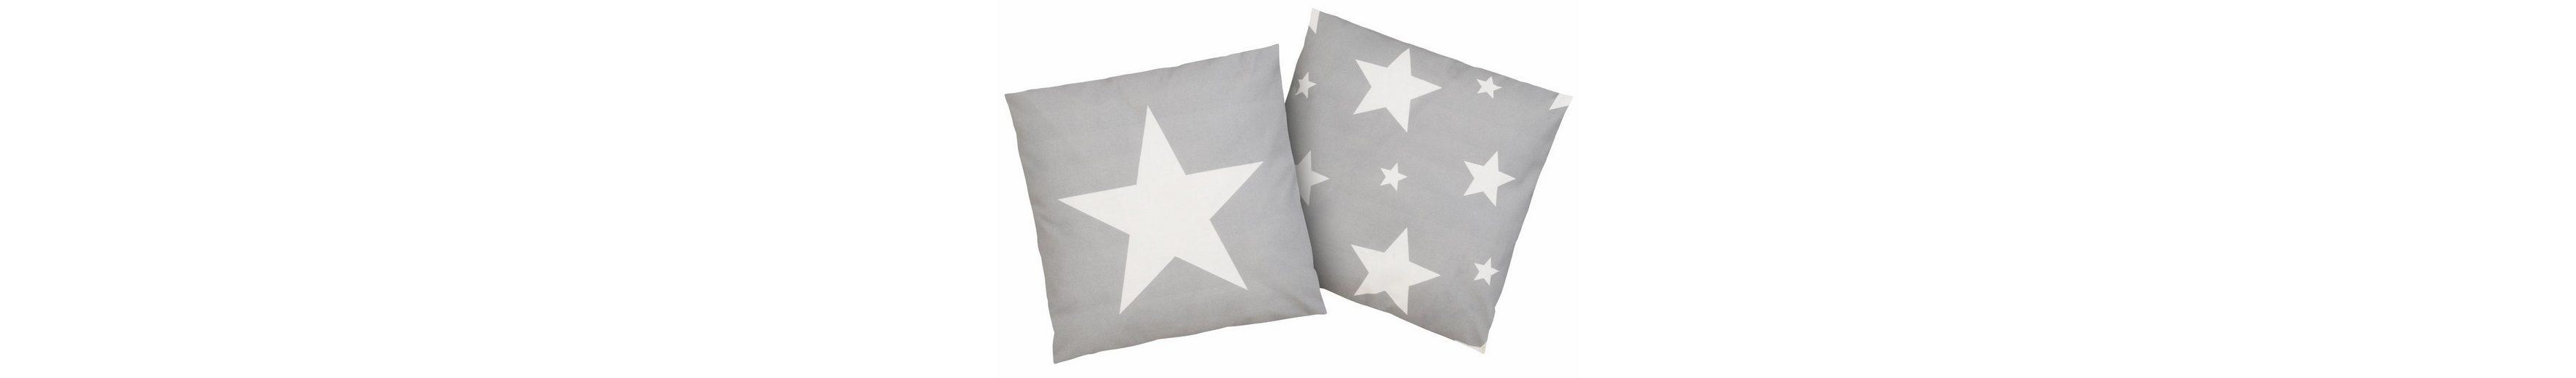 Kissenbezug, Casatex, »Sterne«, mit Sternendruck